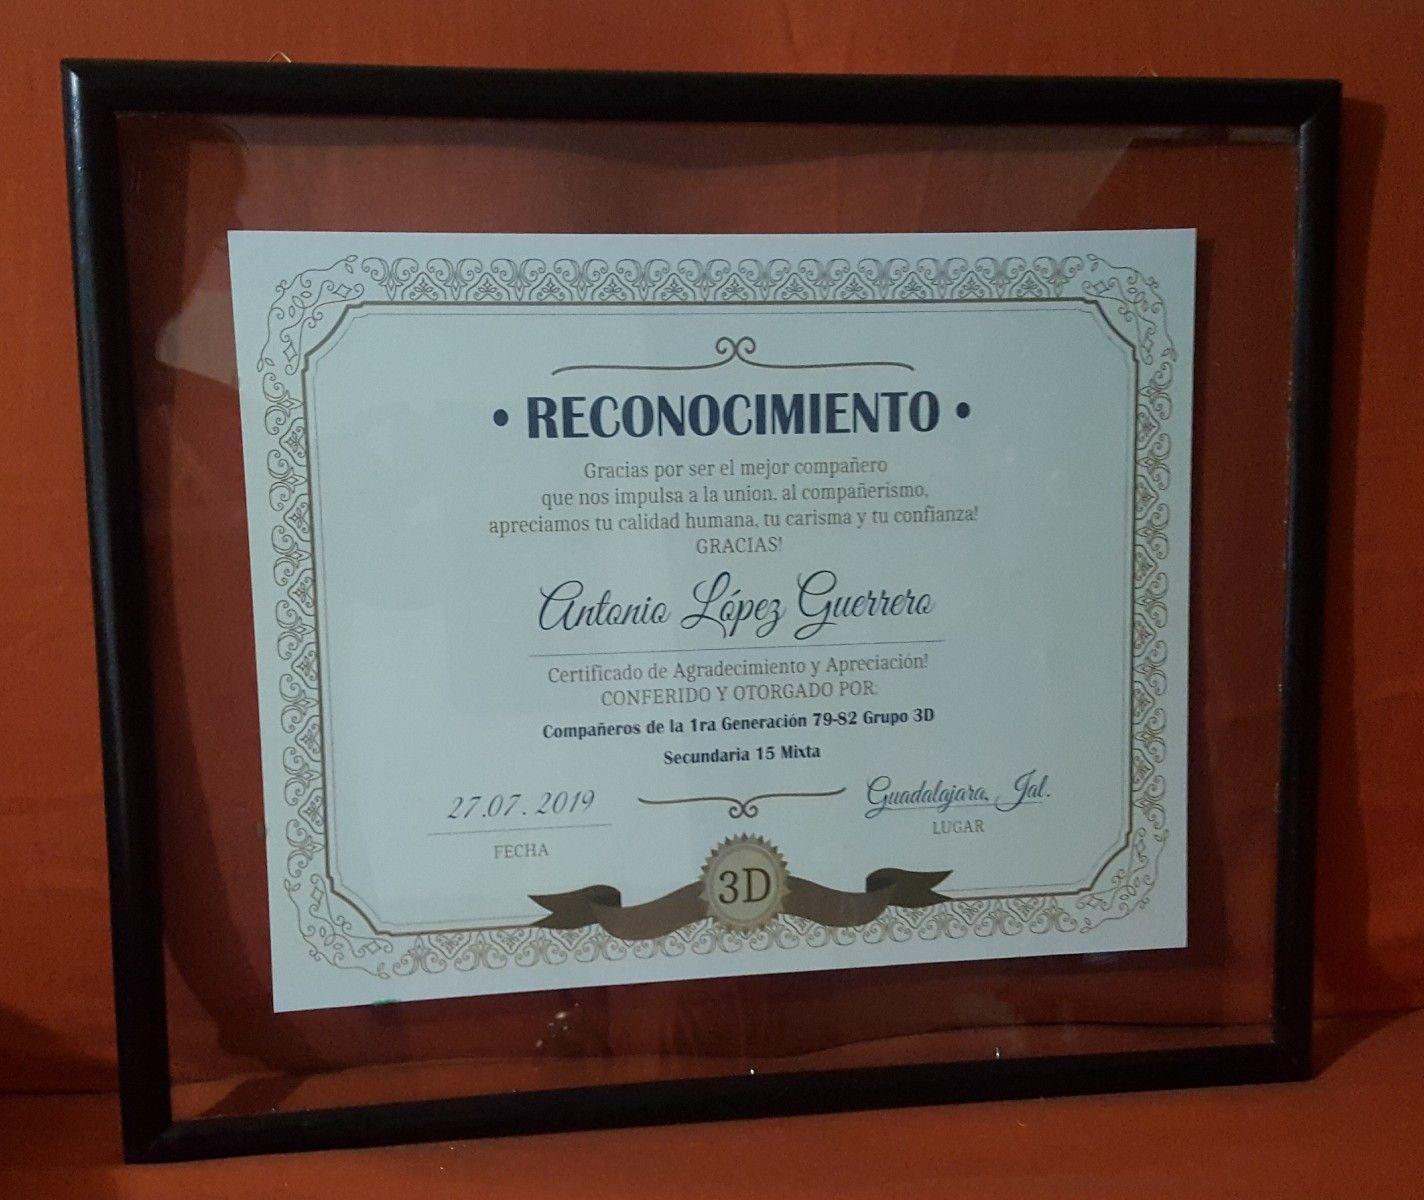 Pin De Consuelo En Sec 15 Certificado De Agradecimiento Companerismo Agradecimiento Certificado de agradecimiento y apreciacion